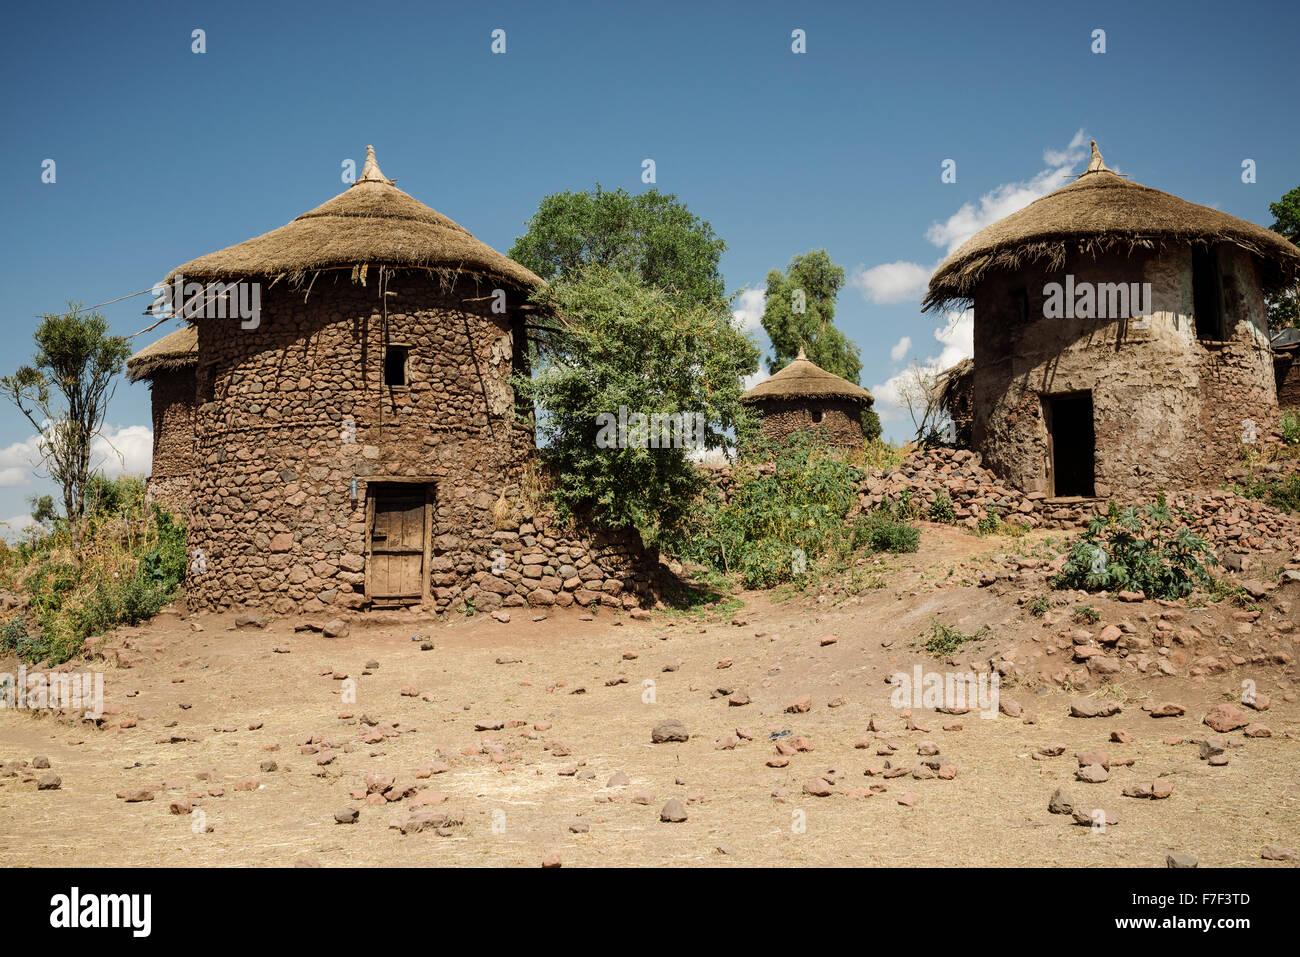 Traditional Houses, Lalibela, Ethiopia - Stock Image